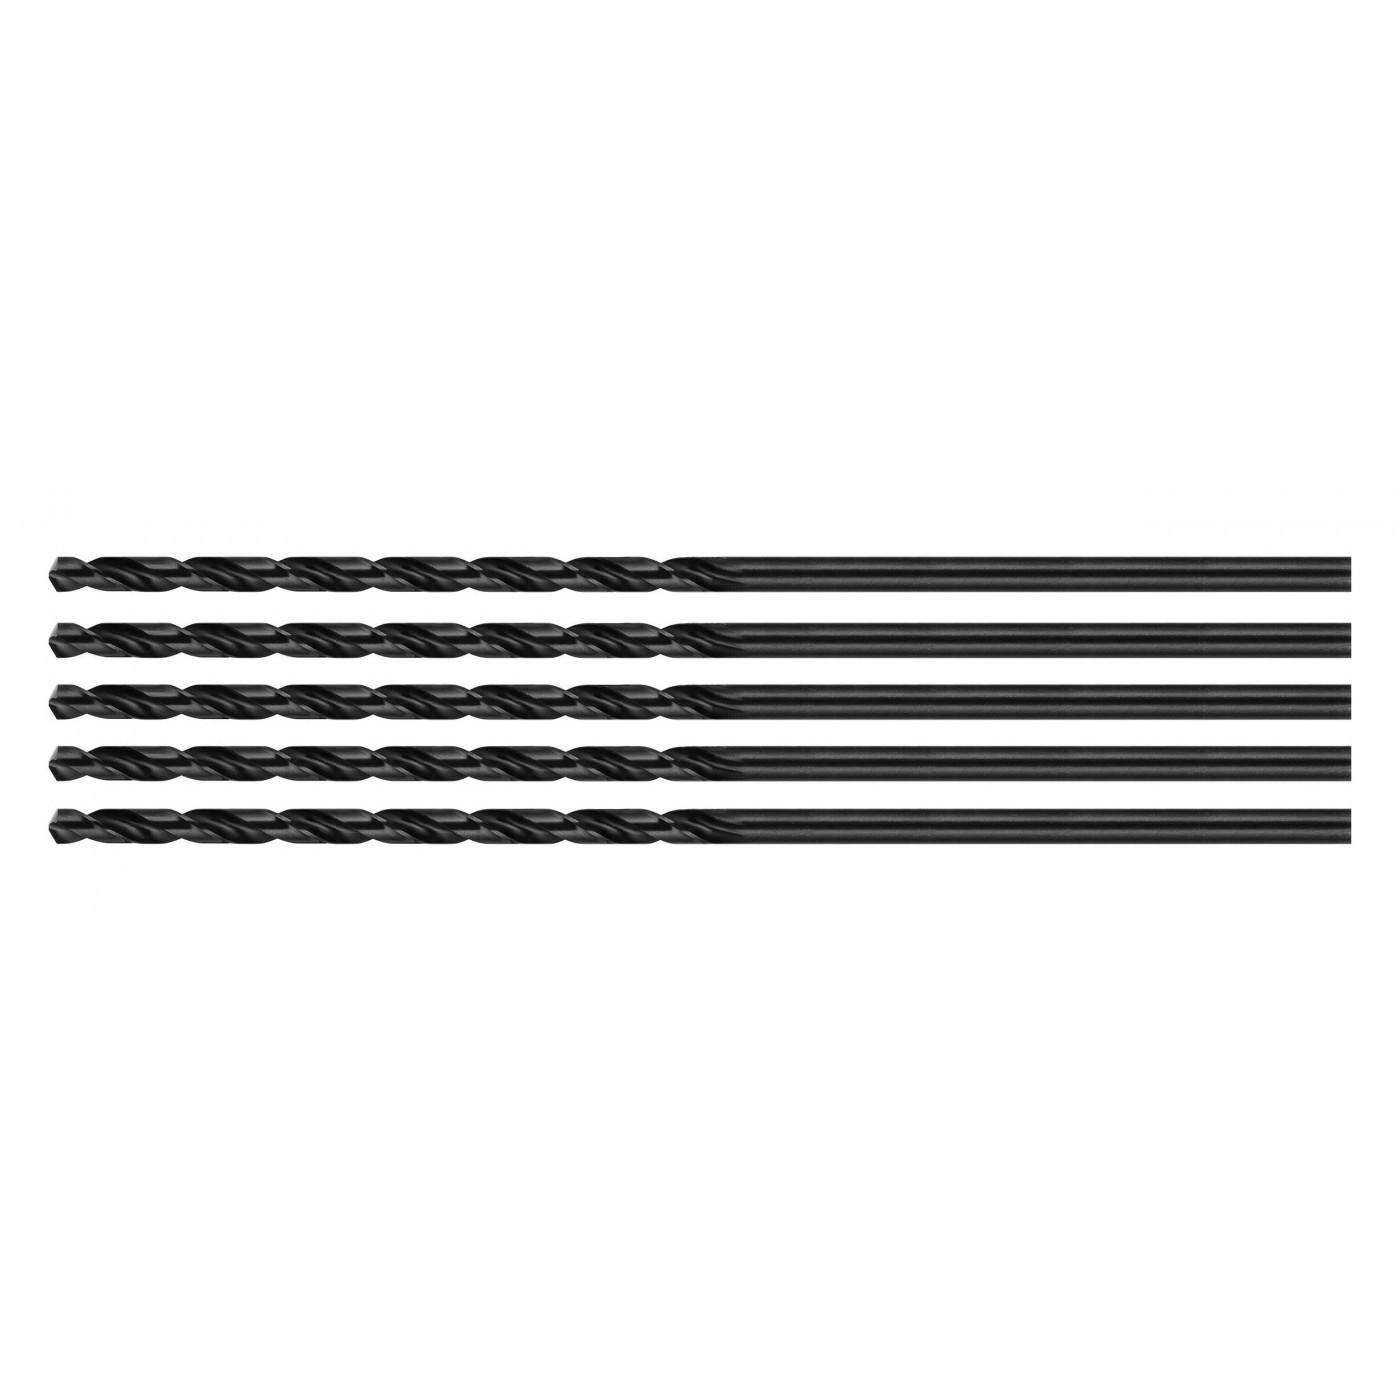 Set van 5 metaalboren, extra lang (4.2x300 mm)  - 1